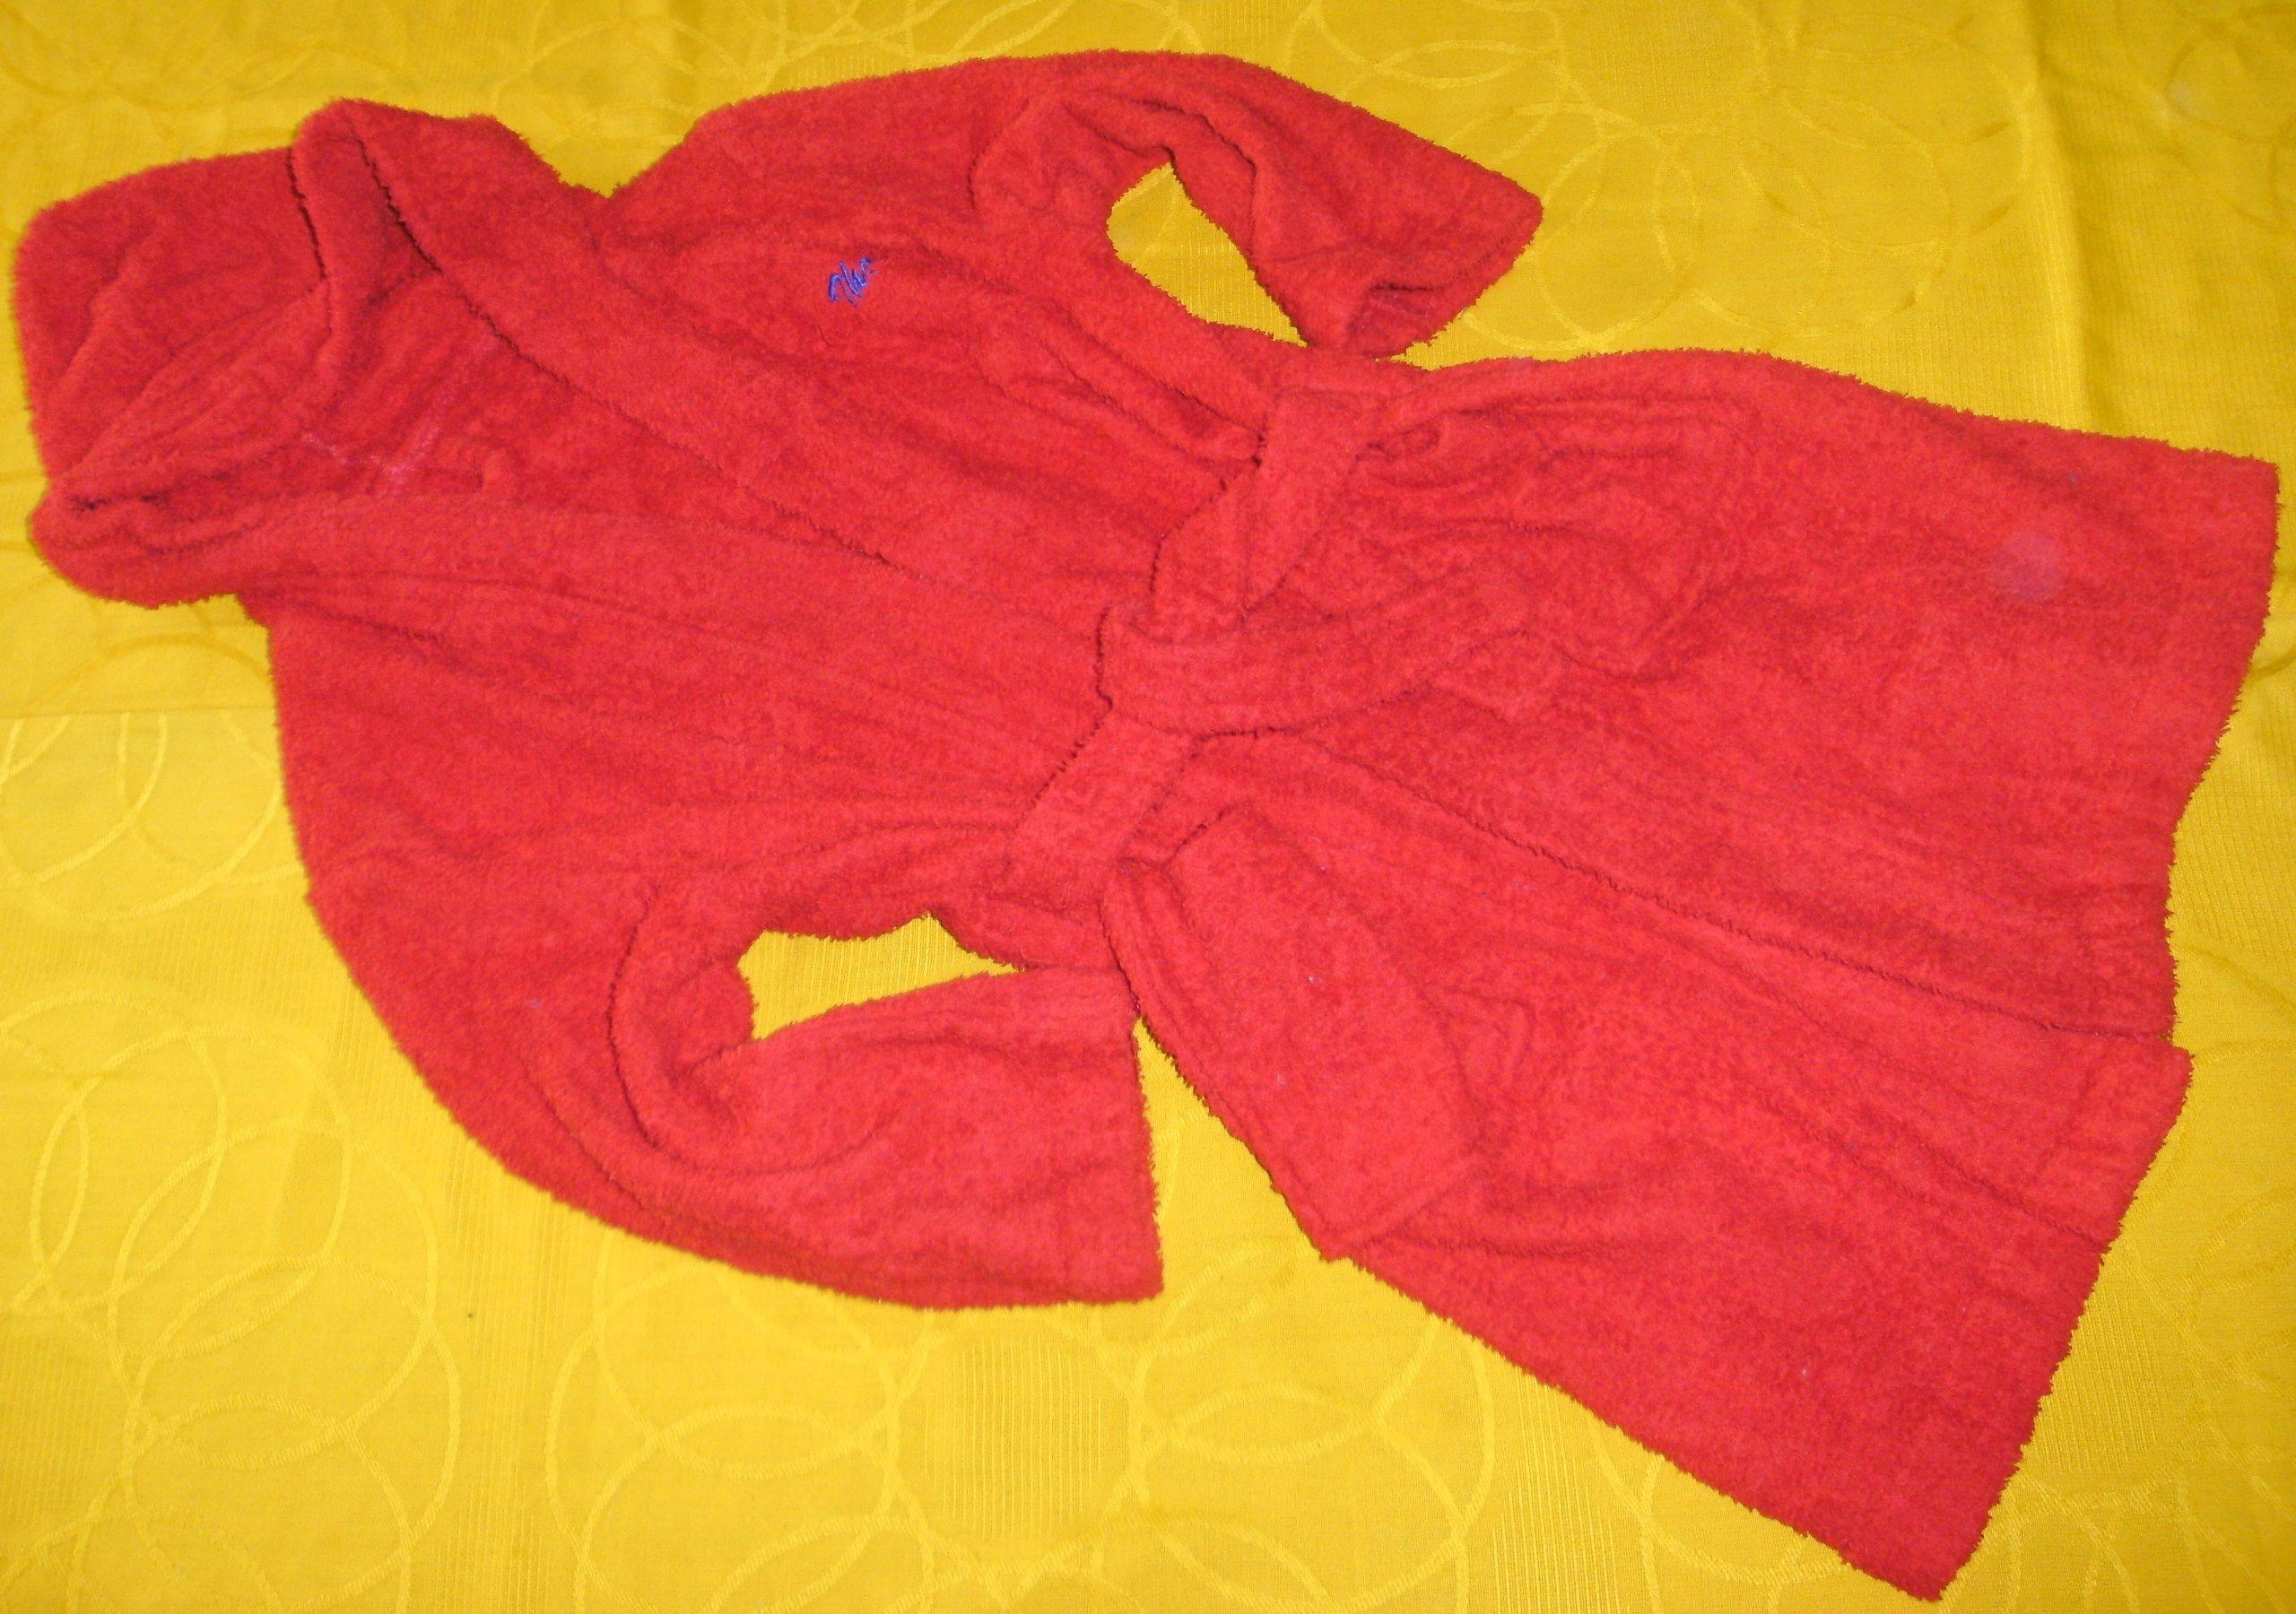 38a9df7d6f0f3 Szlafrok frotte czerwony 116 cm 5-6 L - 7245348522 - oficjalne ...